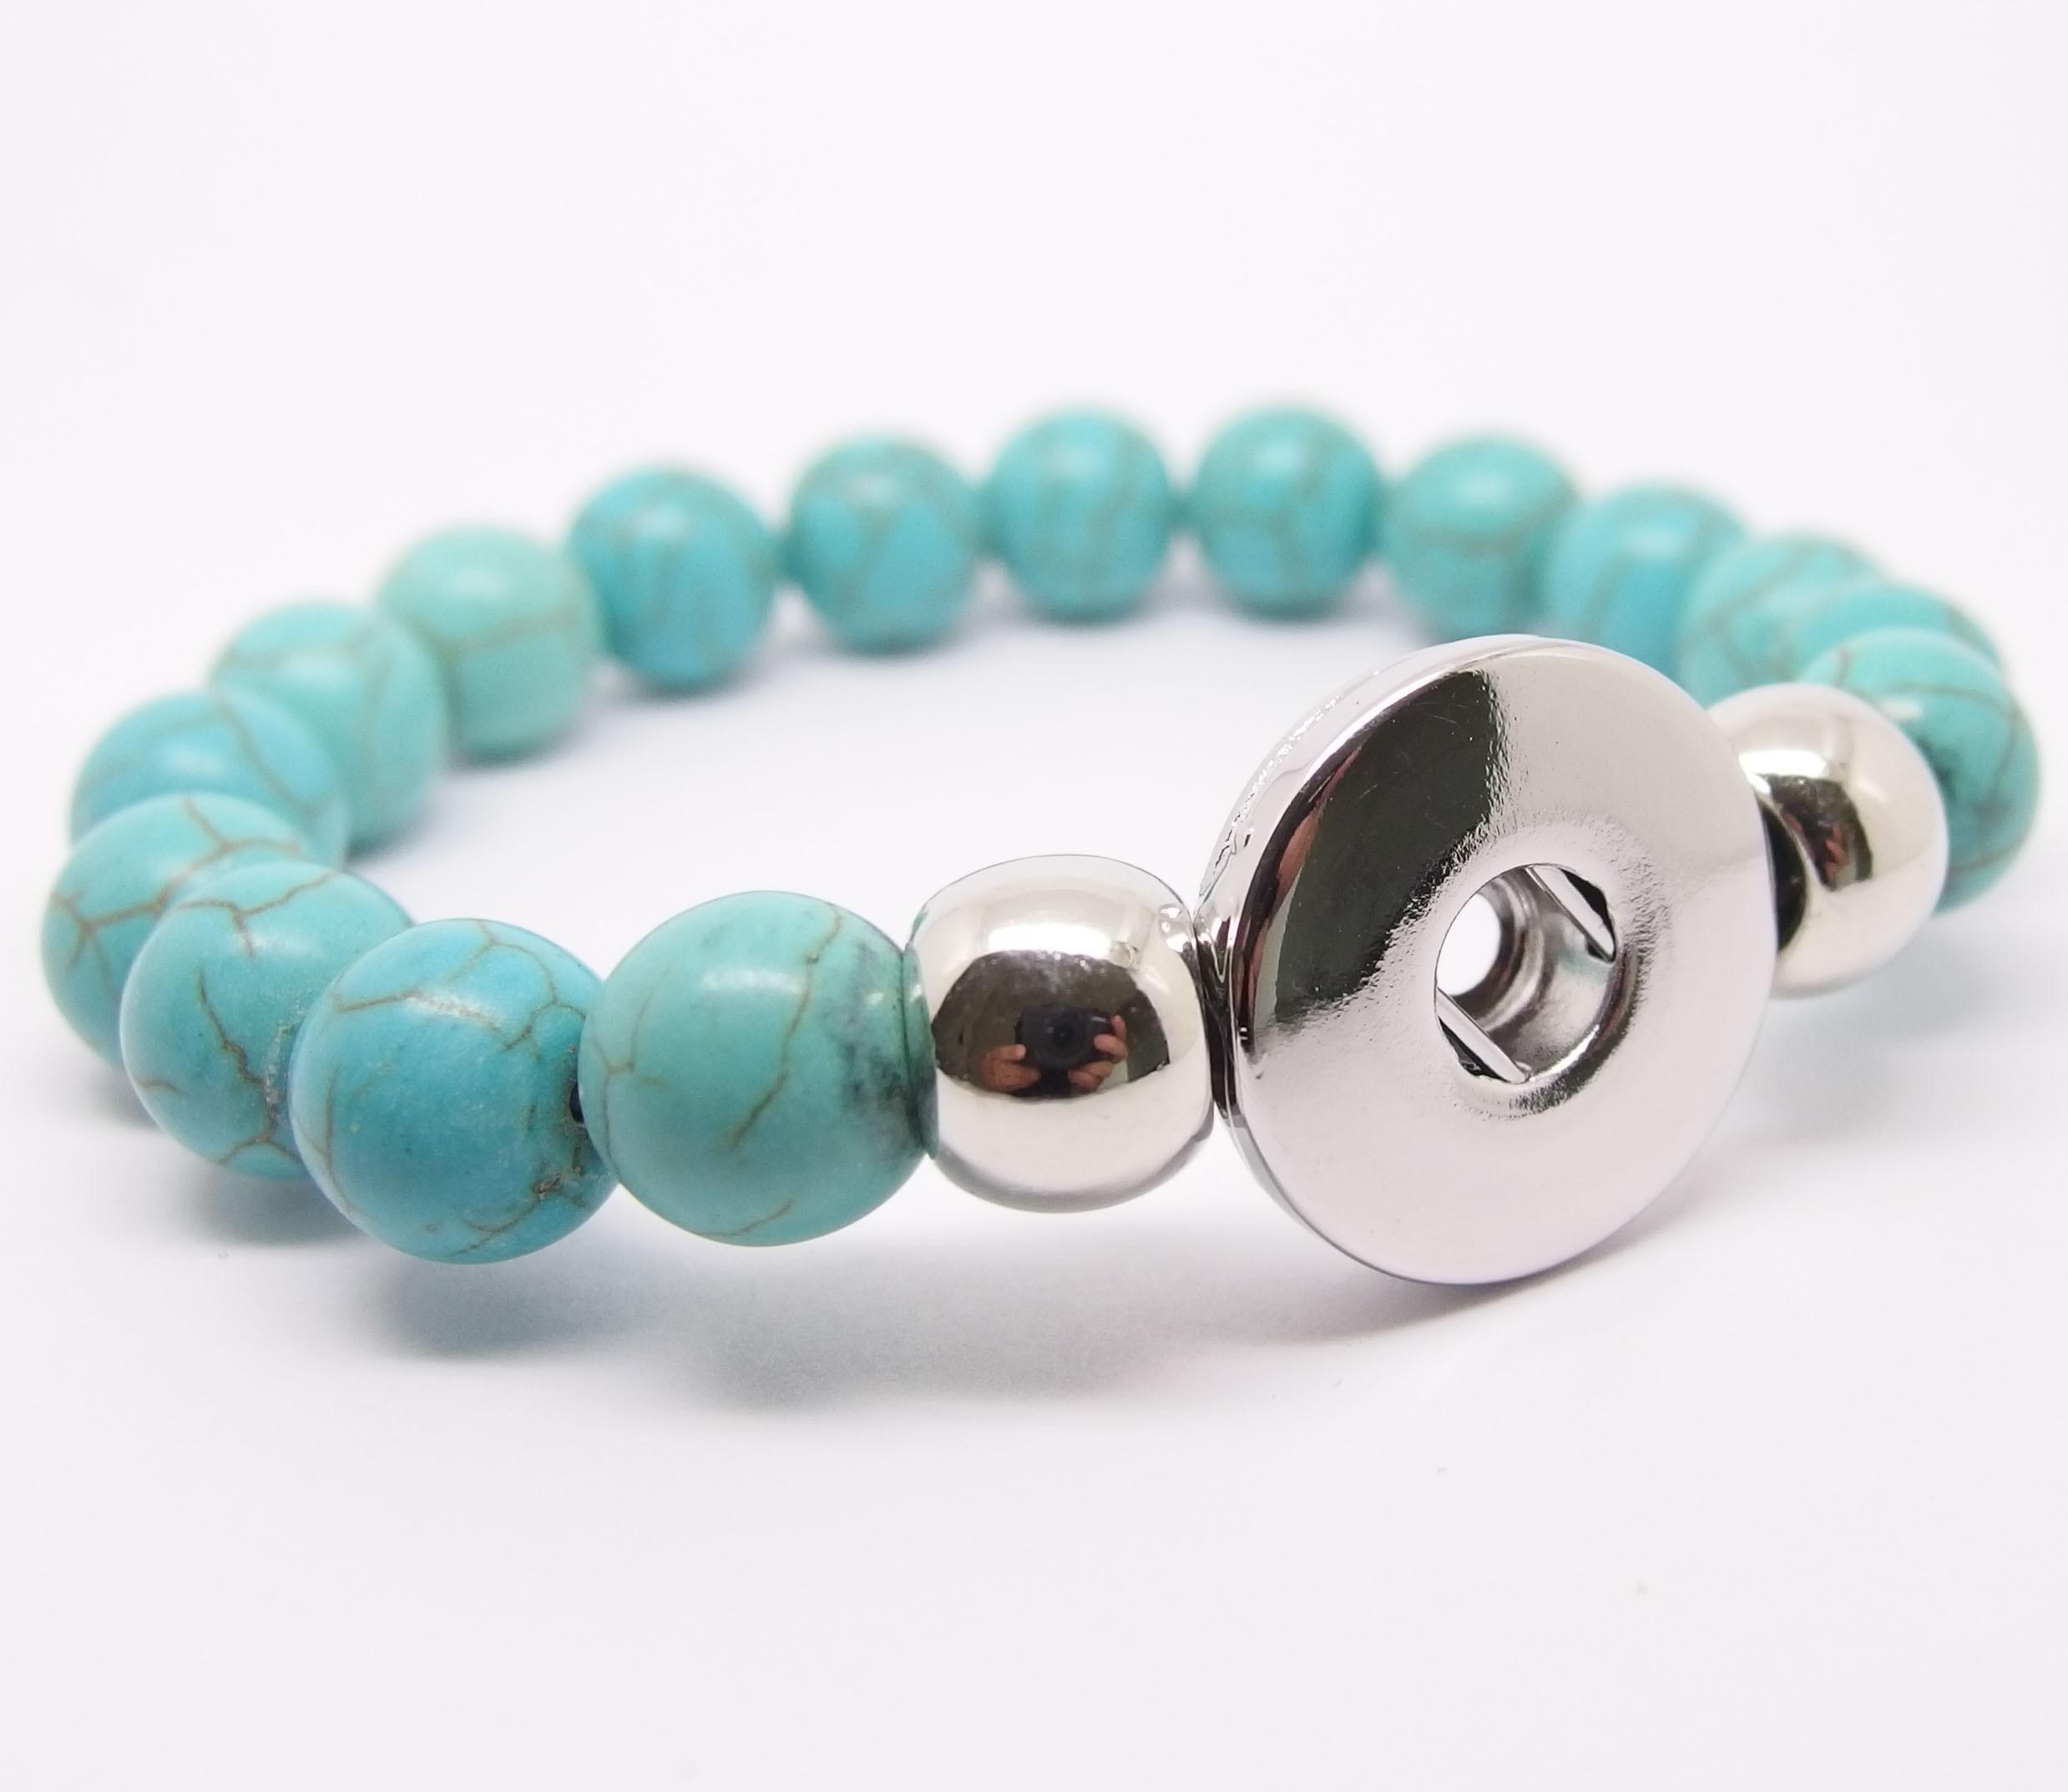 CHA003t - Armbänder für Schmuck Druckknöpfe Perlen türkis